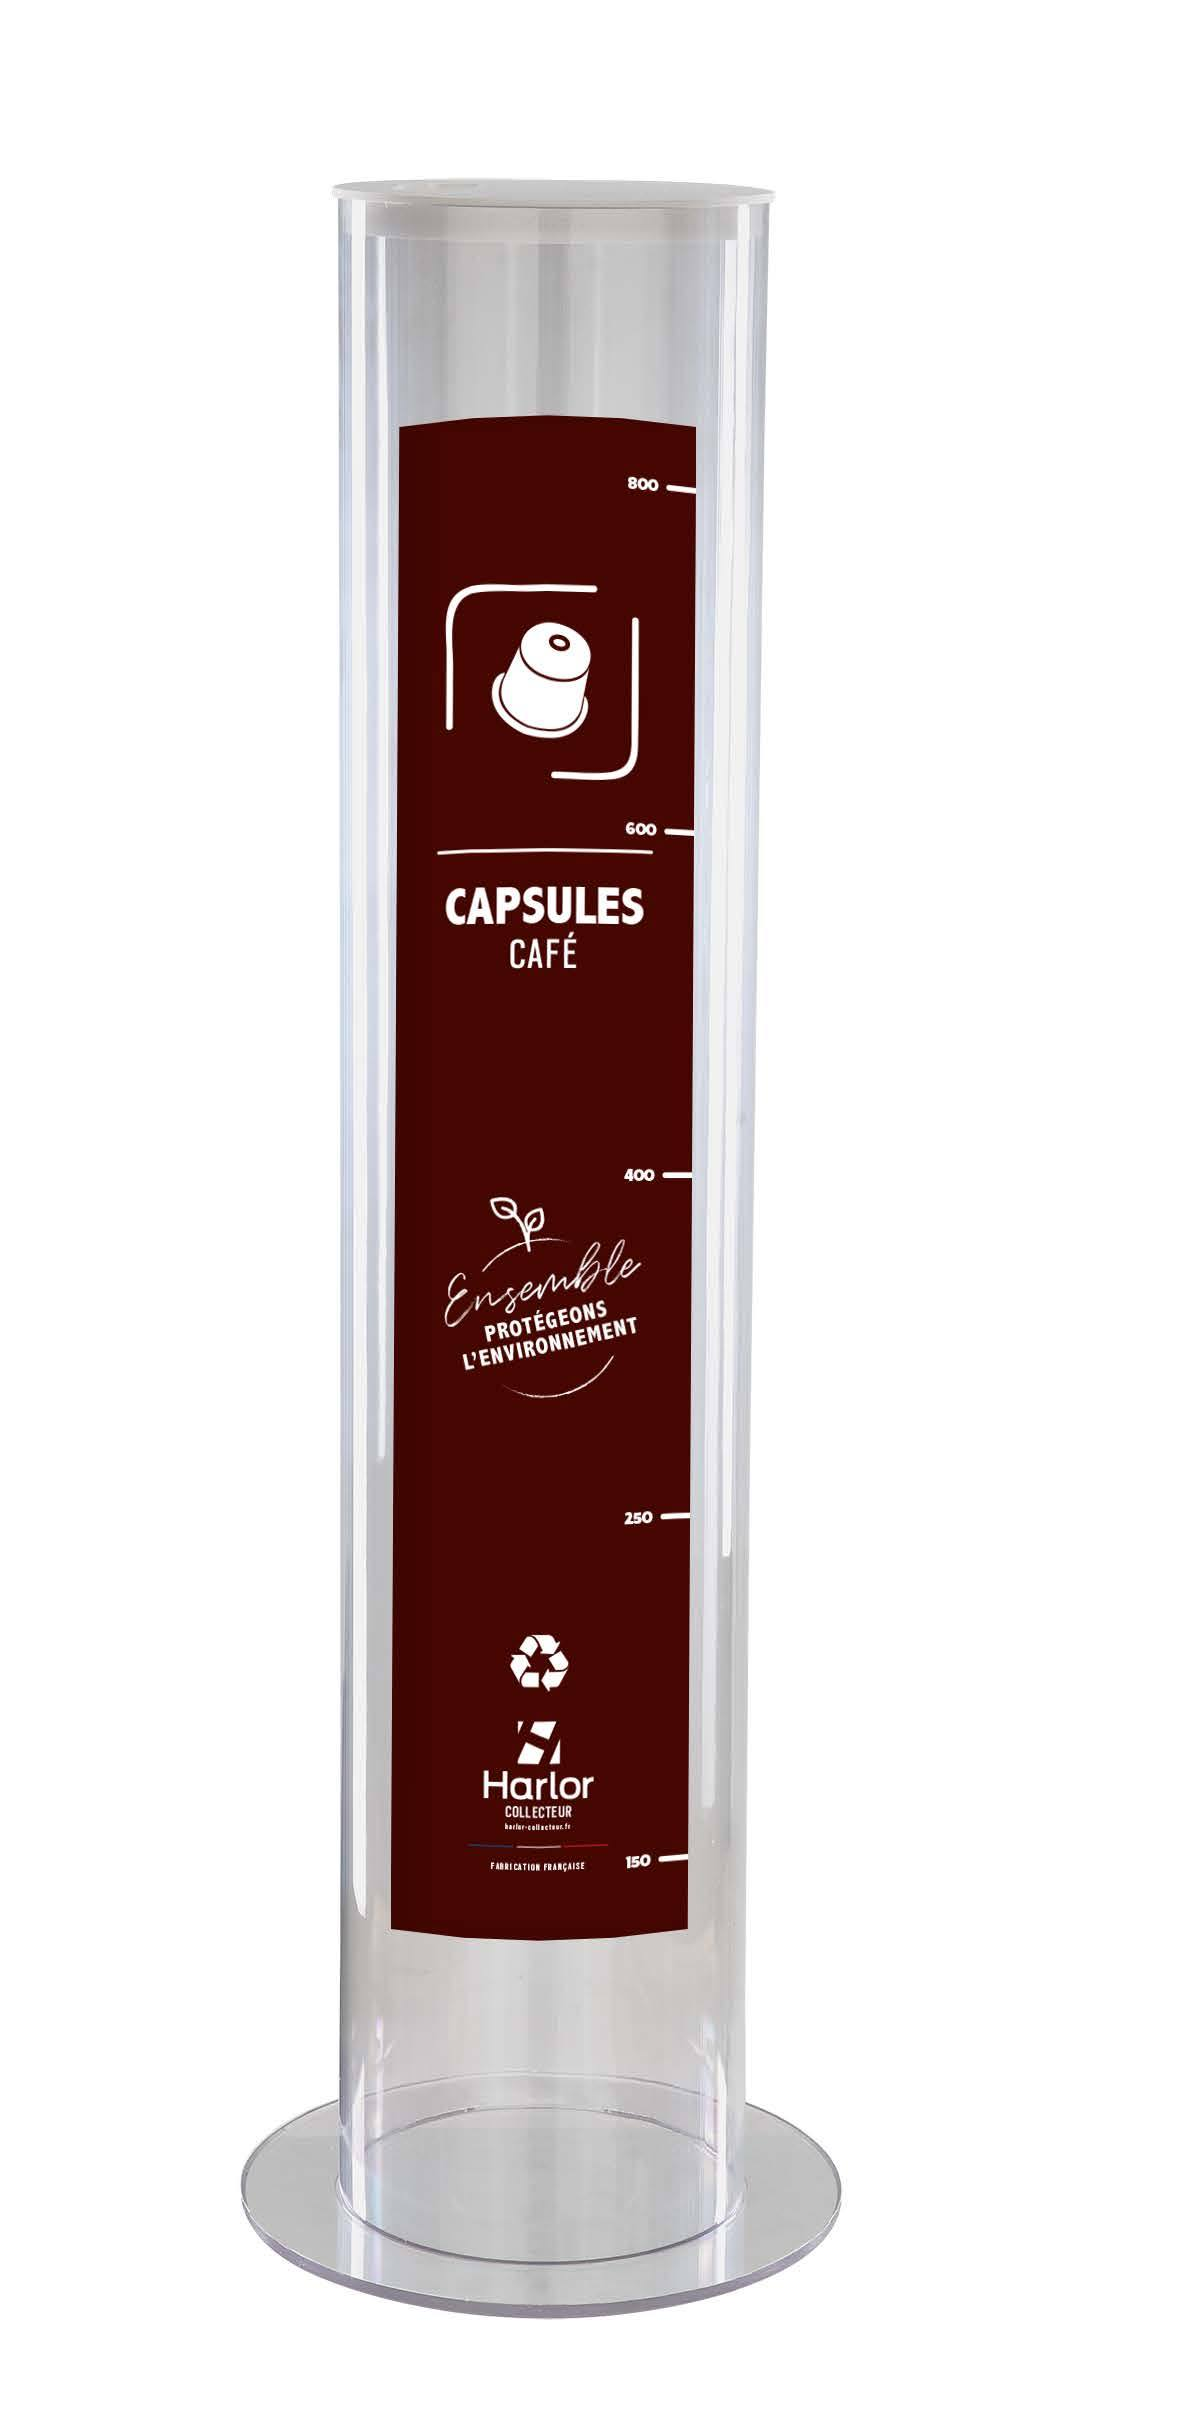 Harlor Collecteur - Collecteur de capsules de café usagées 30L